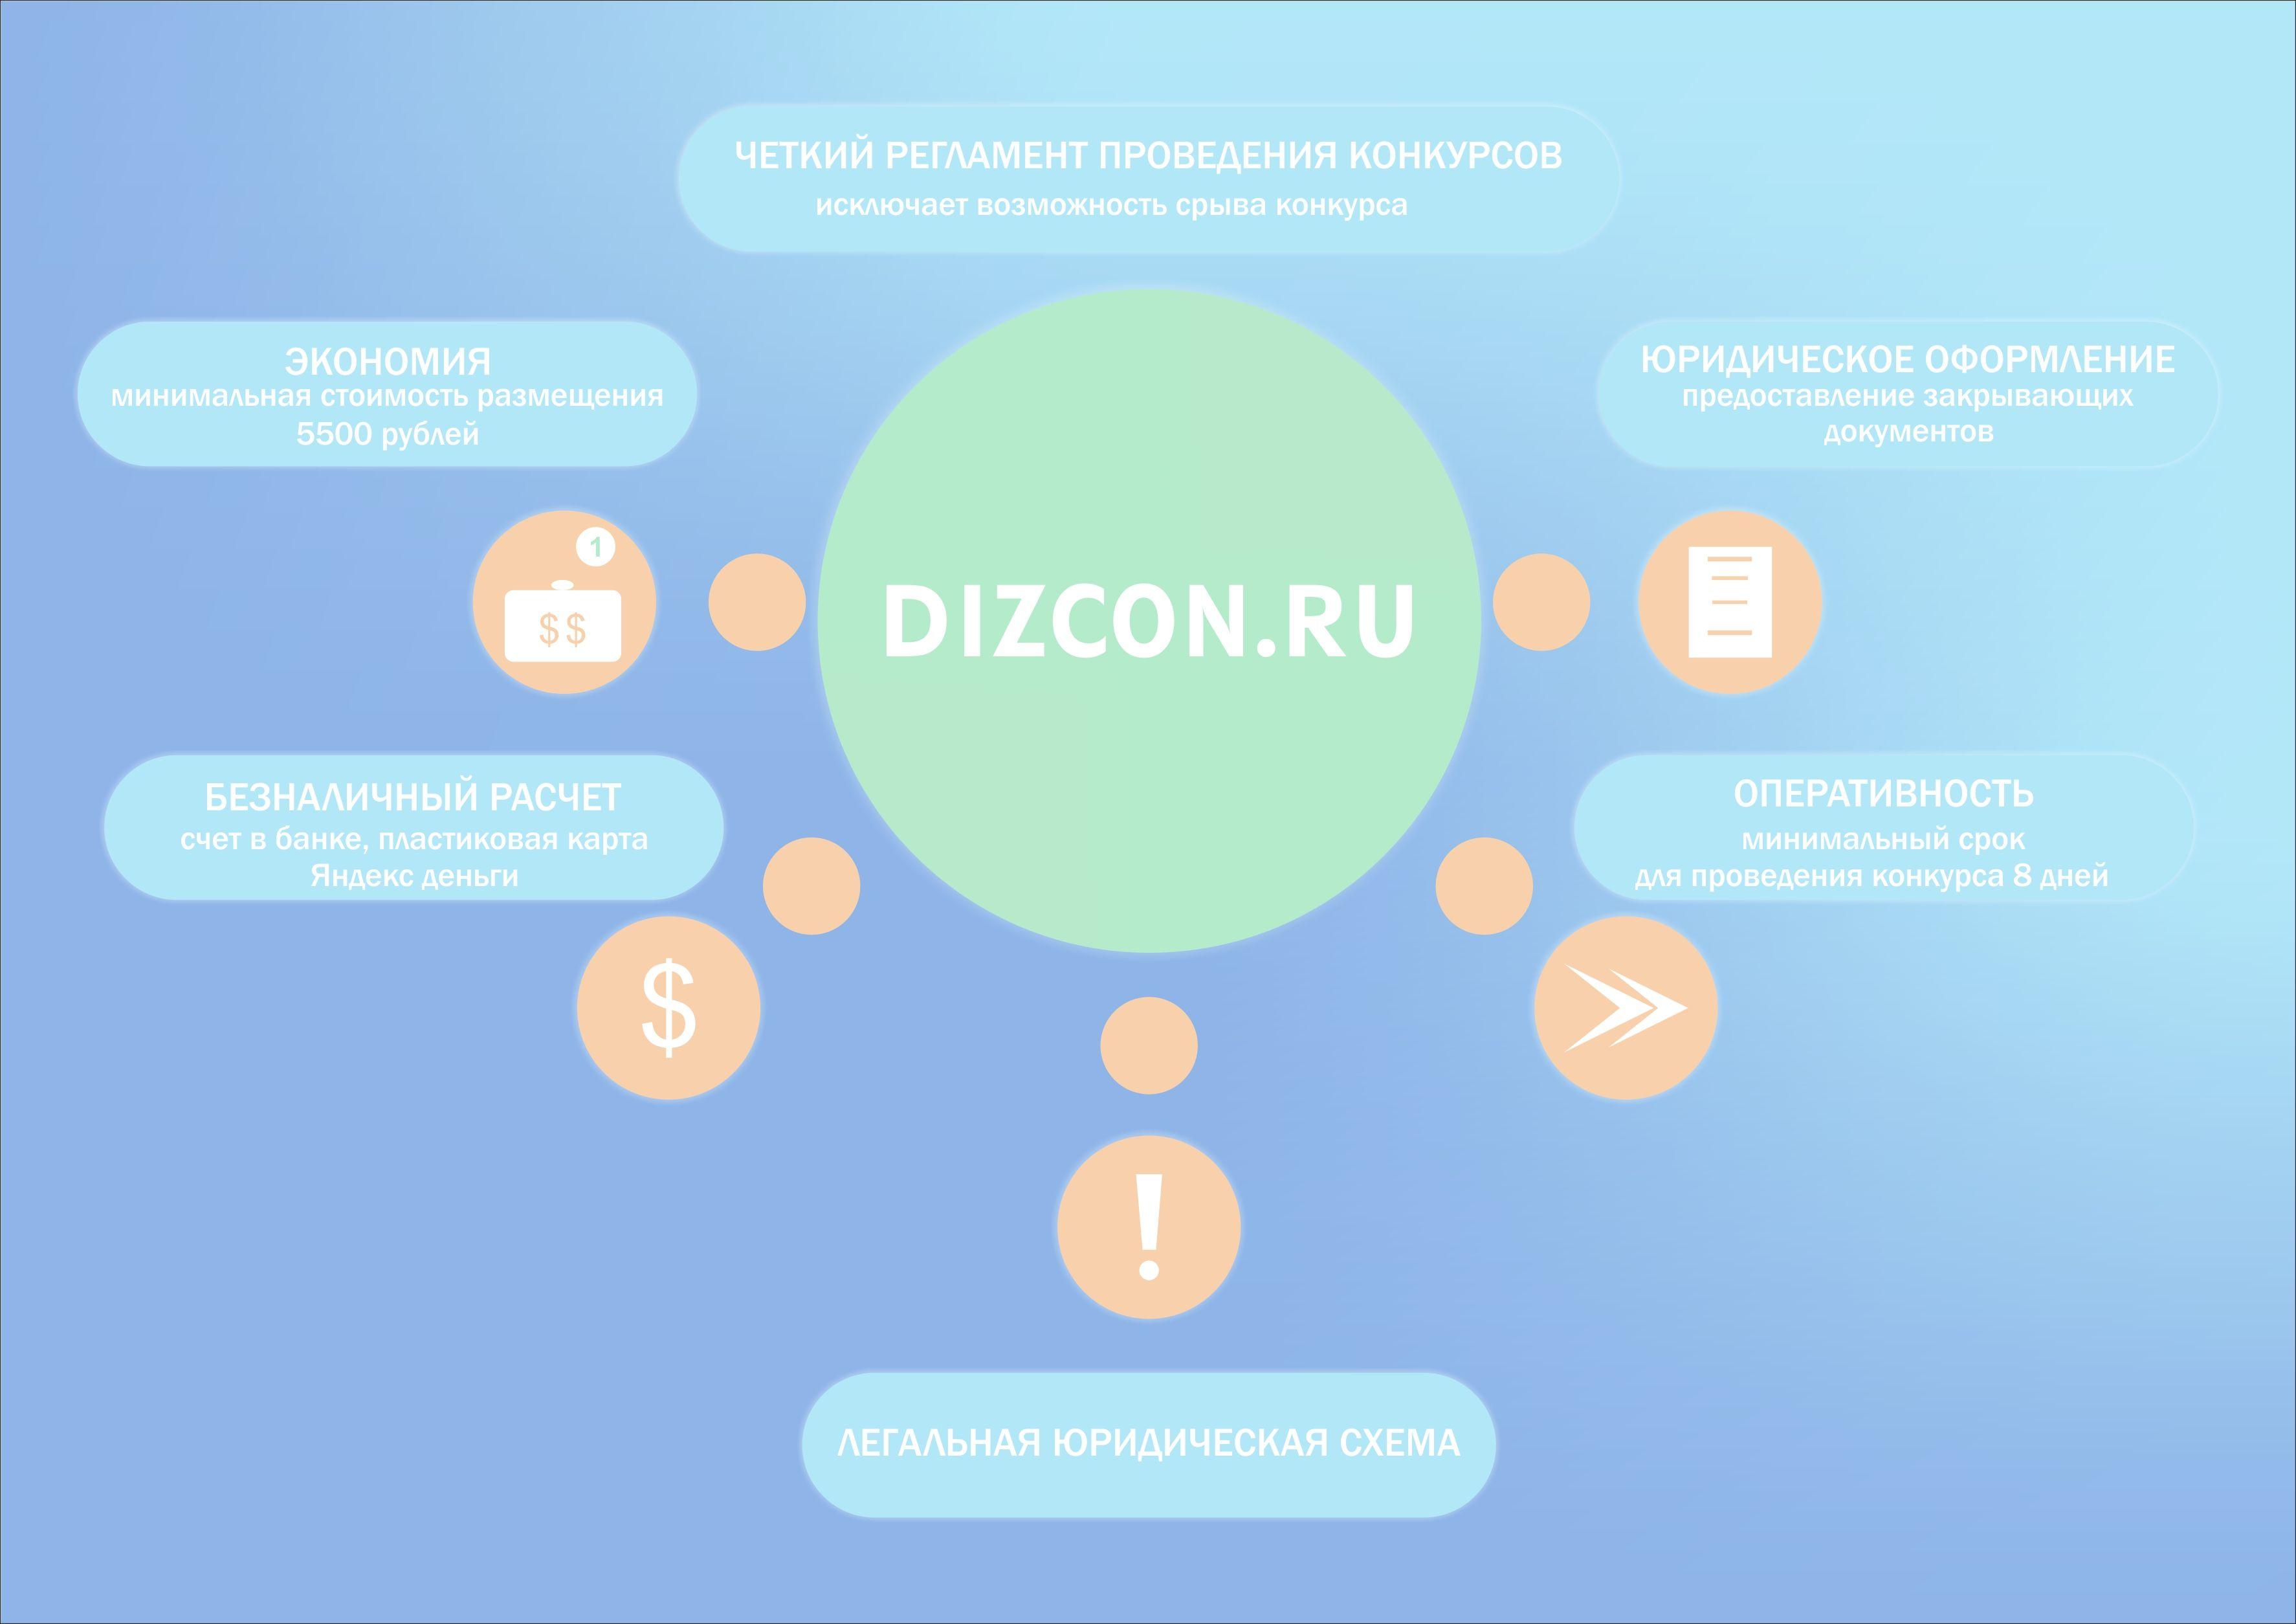 Инфографика по юридической сделке - дизайнер vir_bat